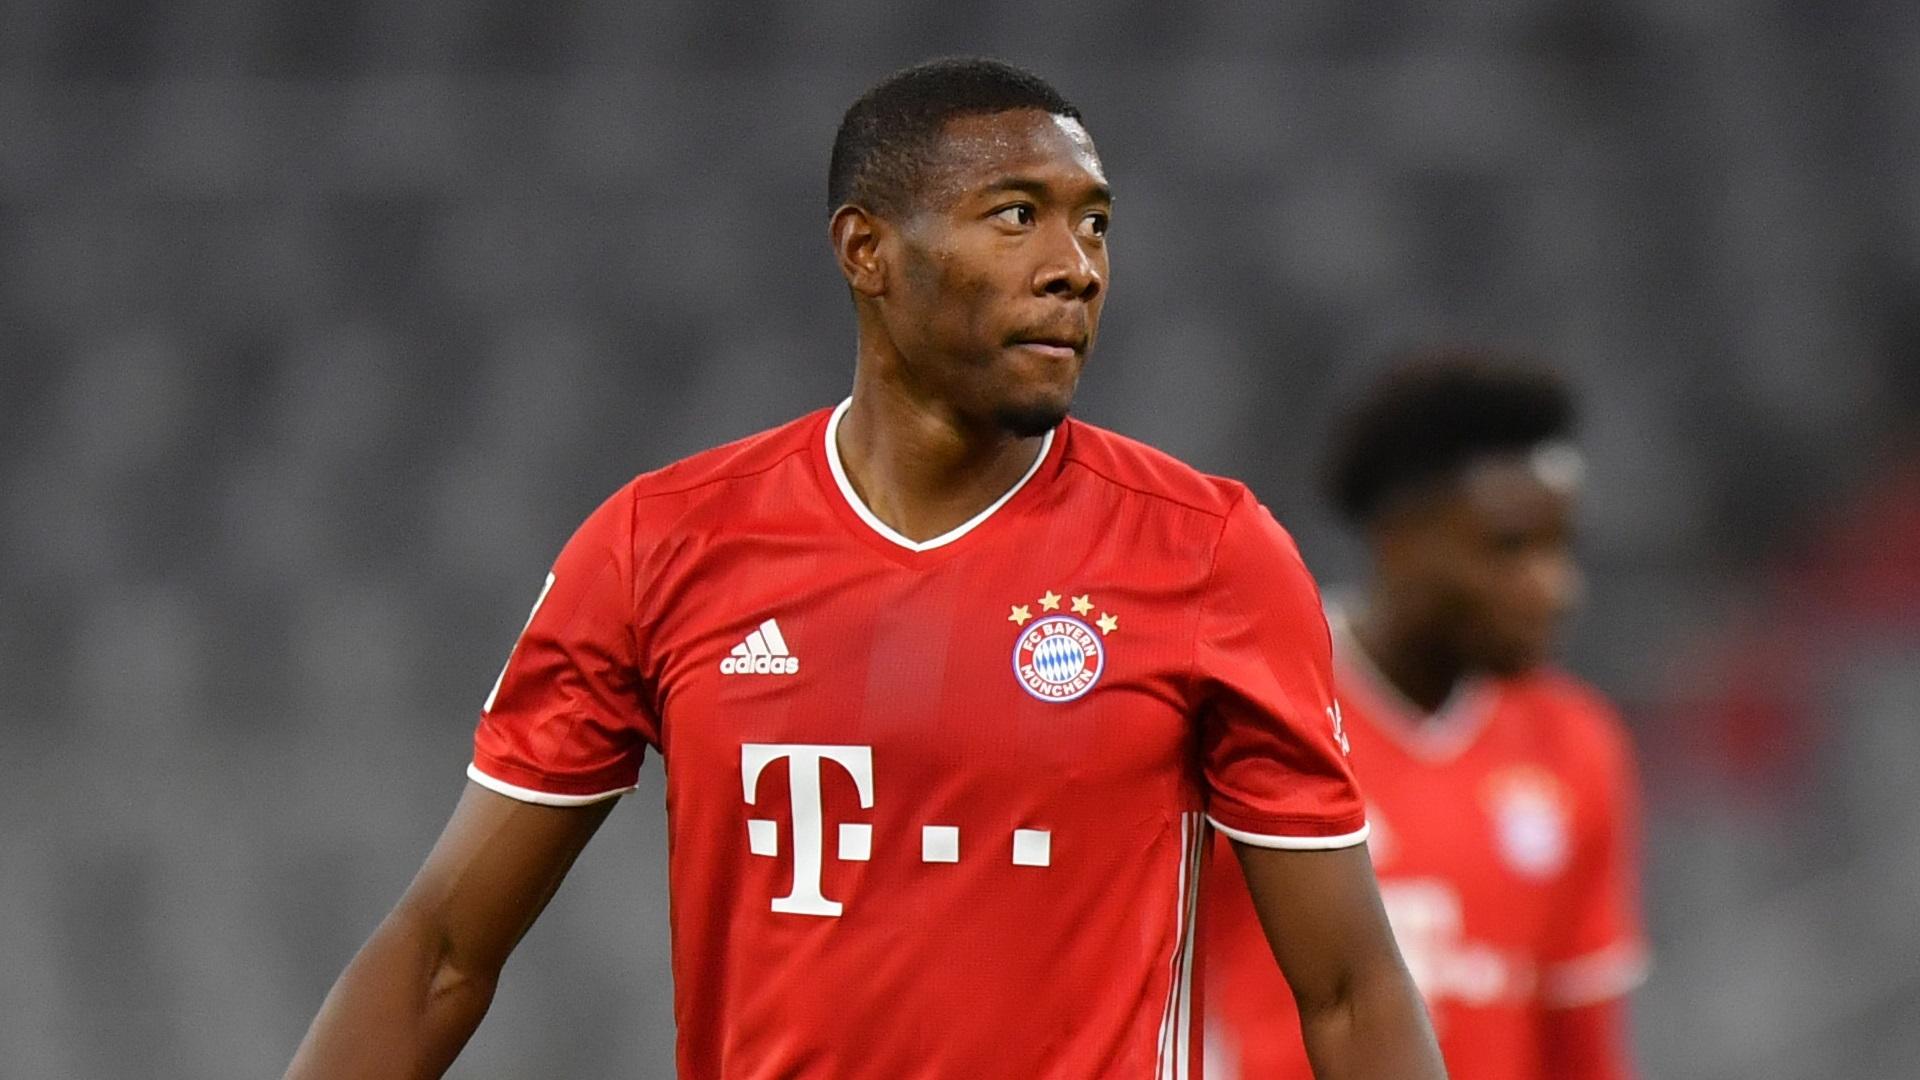 Alaba U0026 39 Disappointed And Upset U0026 39 With Bayern Munich As